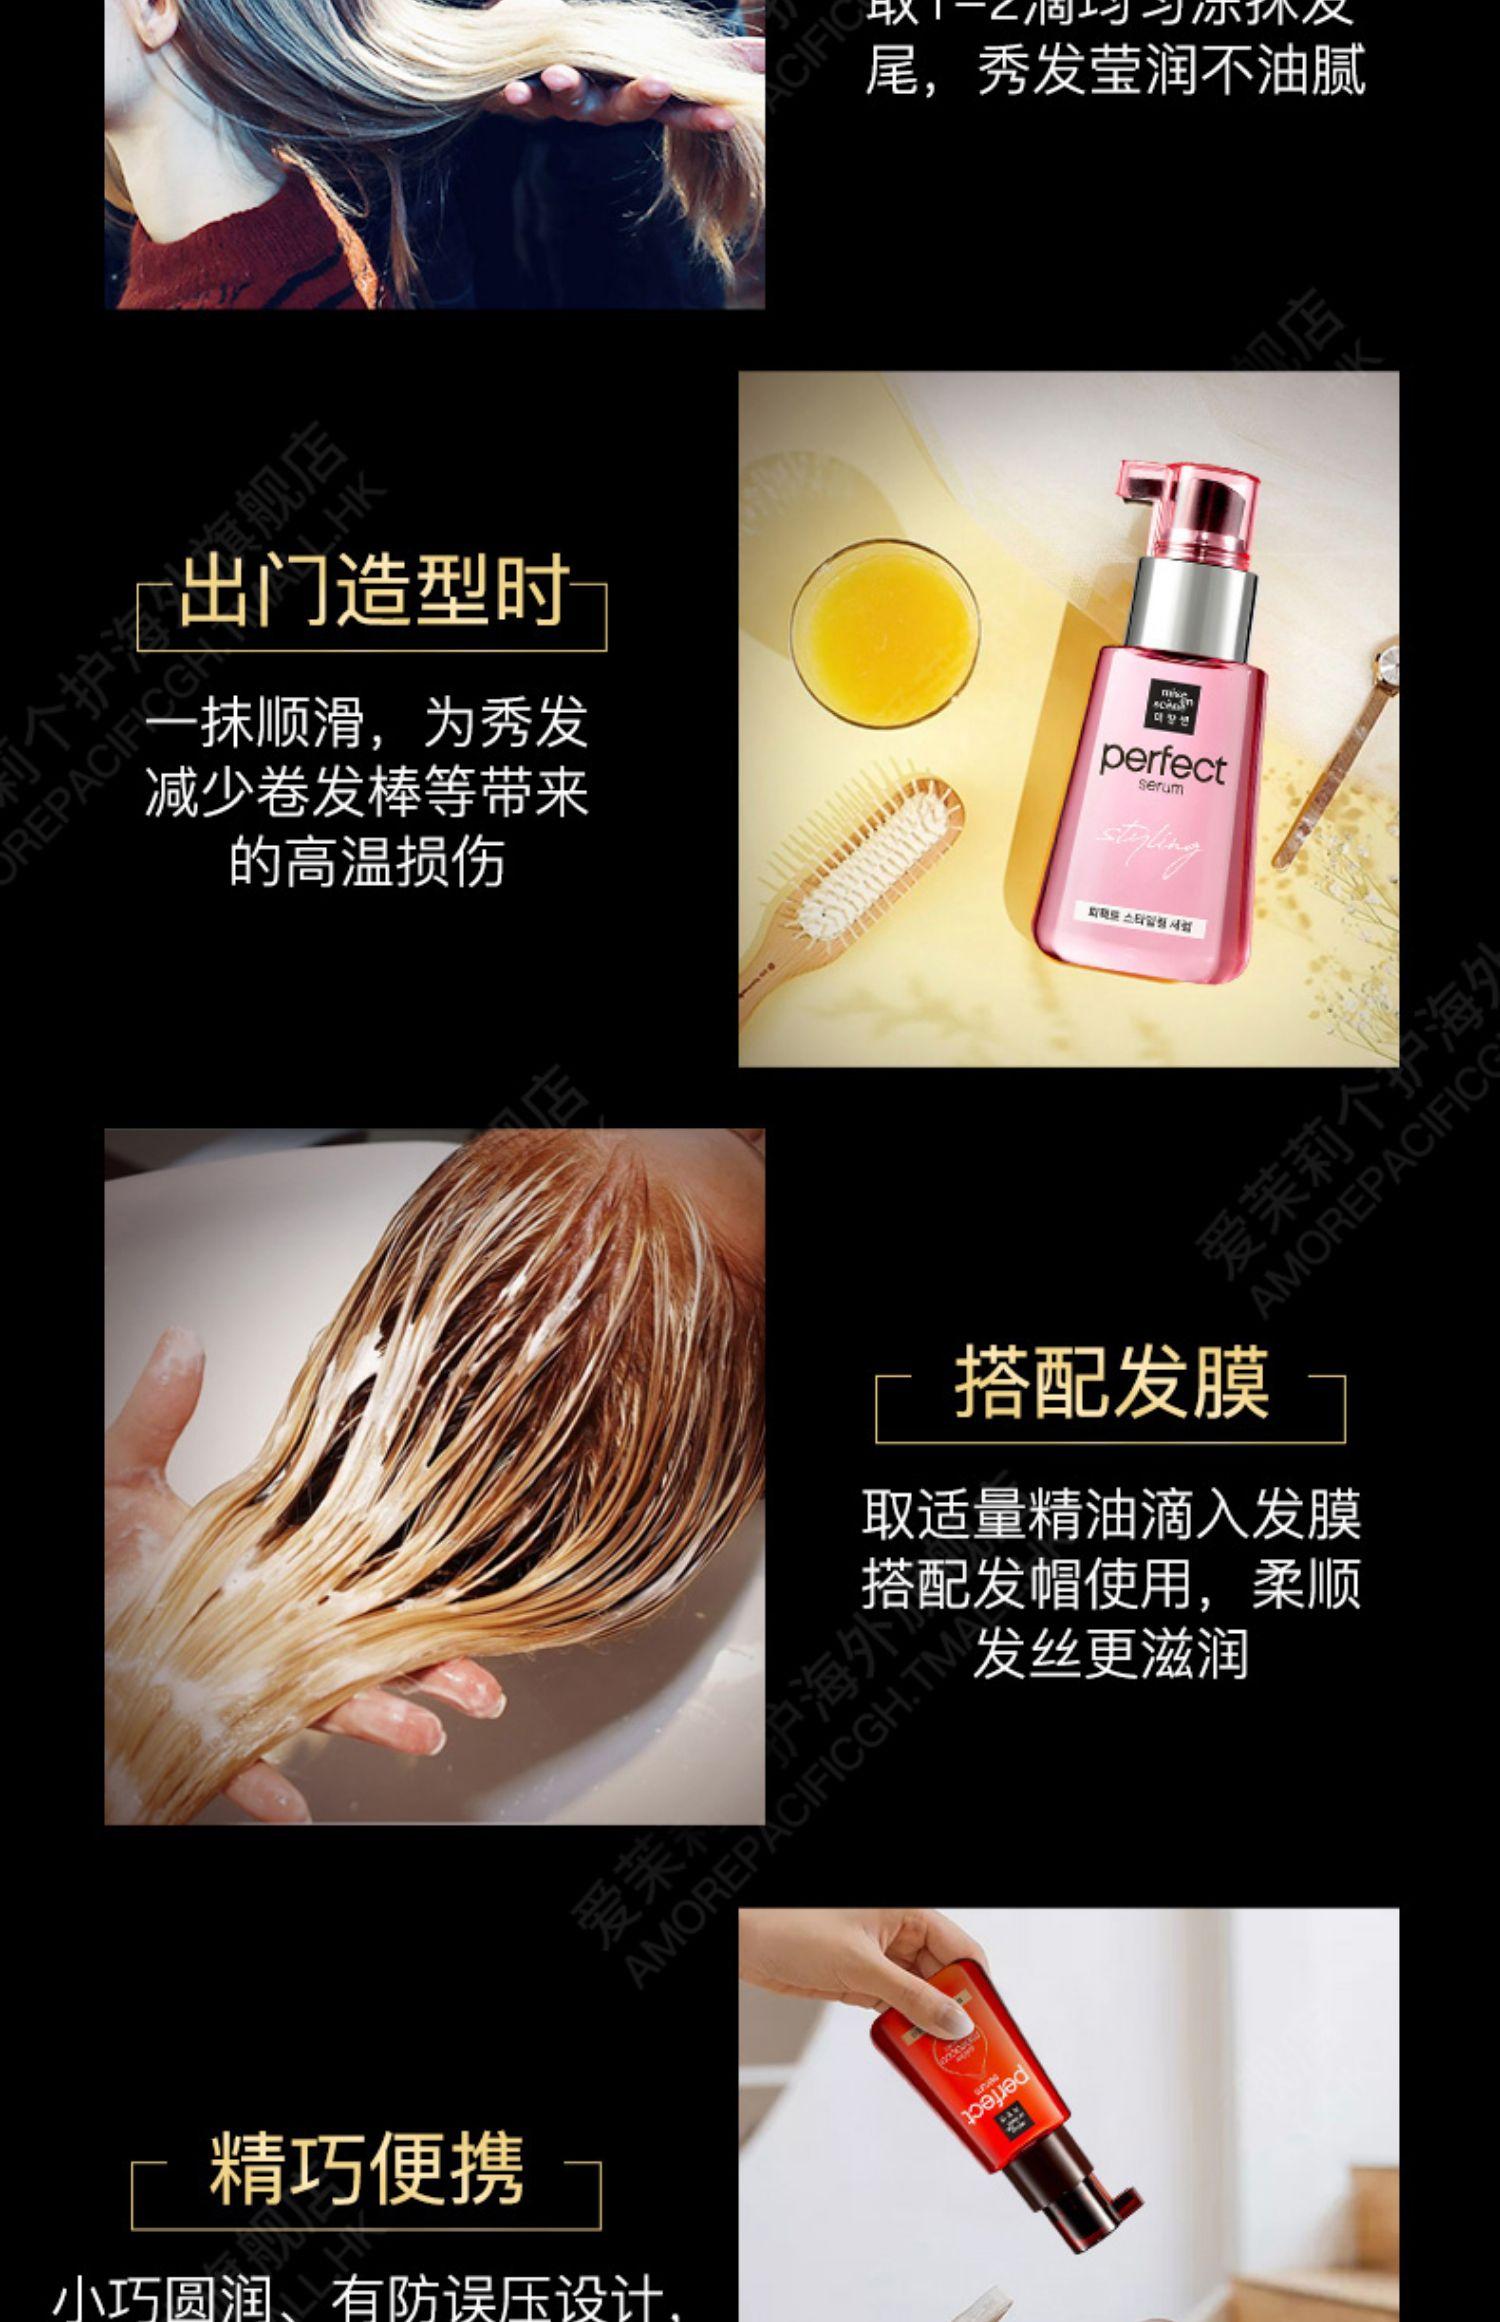 【爱茉莉】染发修护护发精油80ml